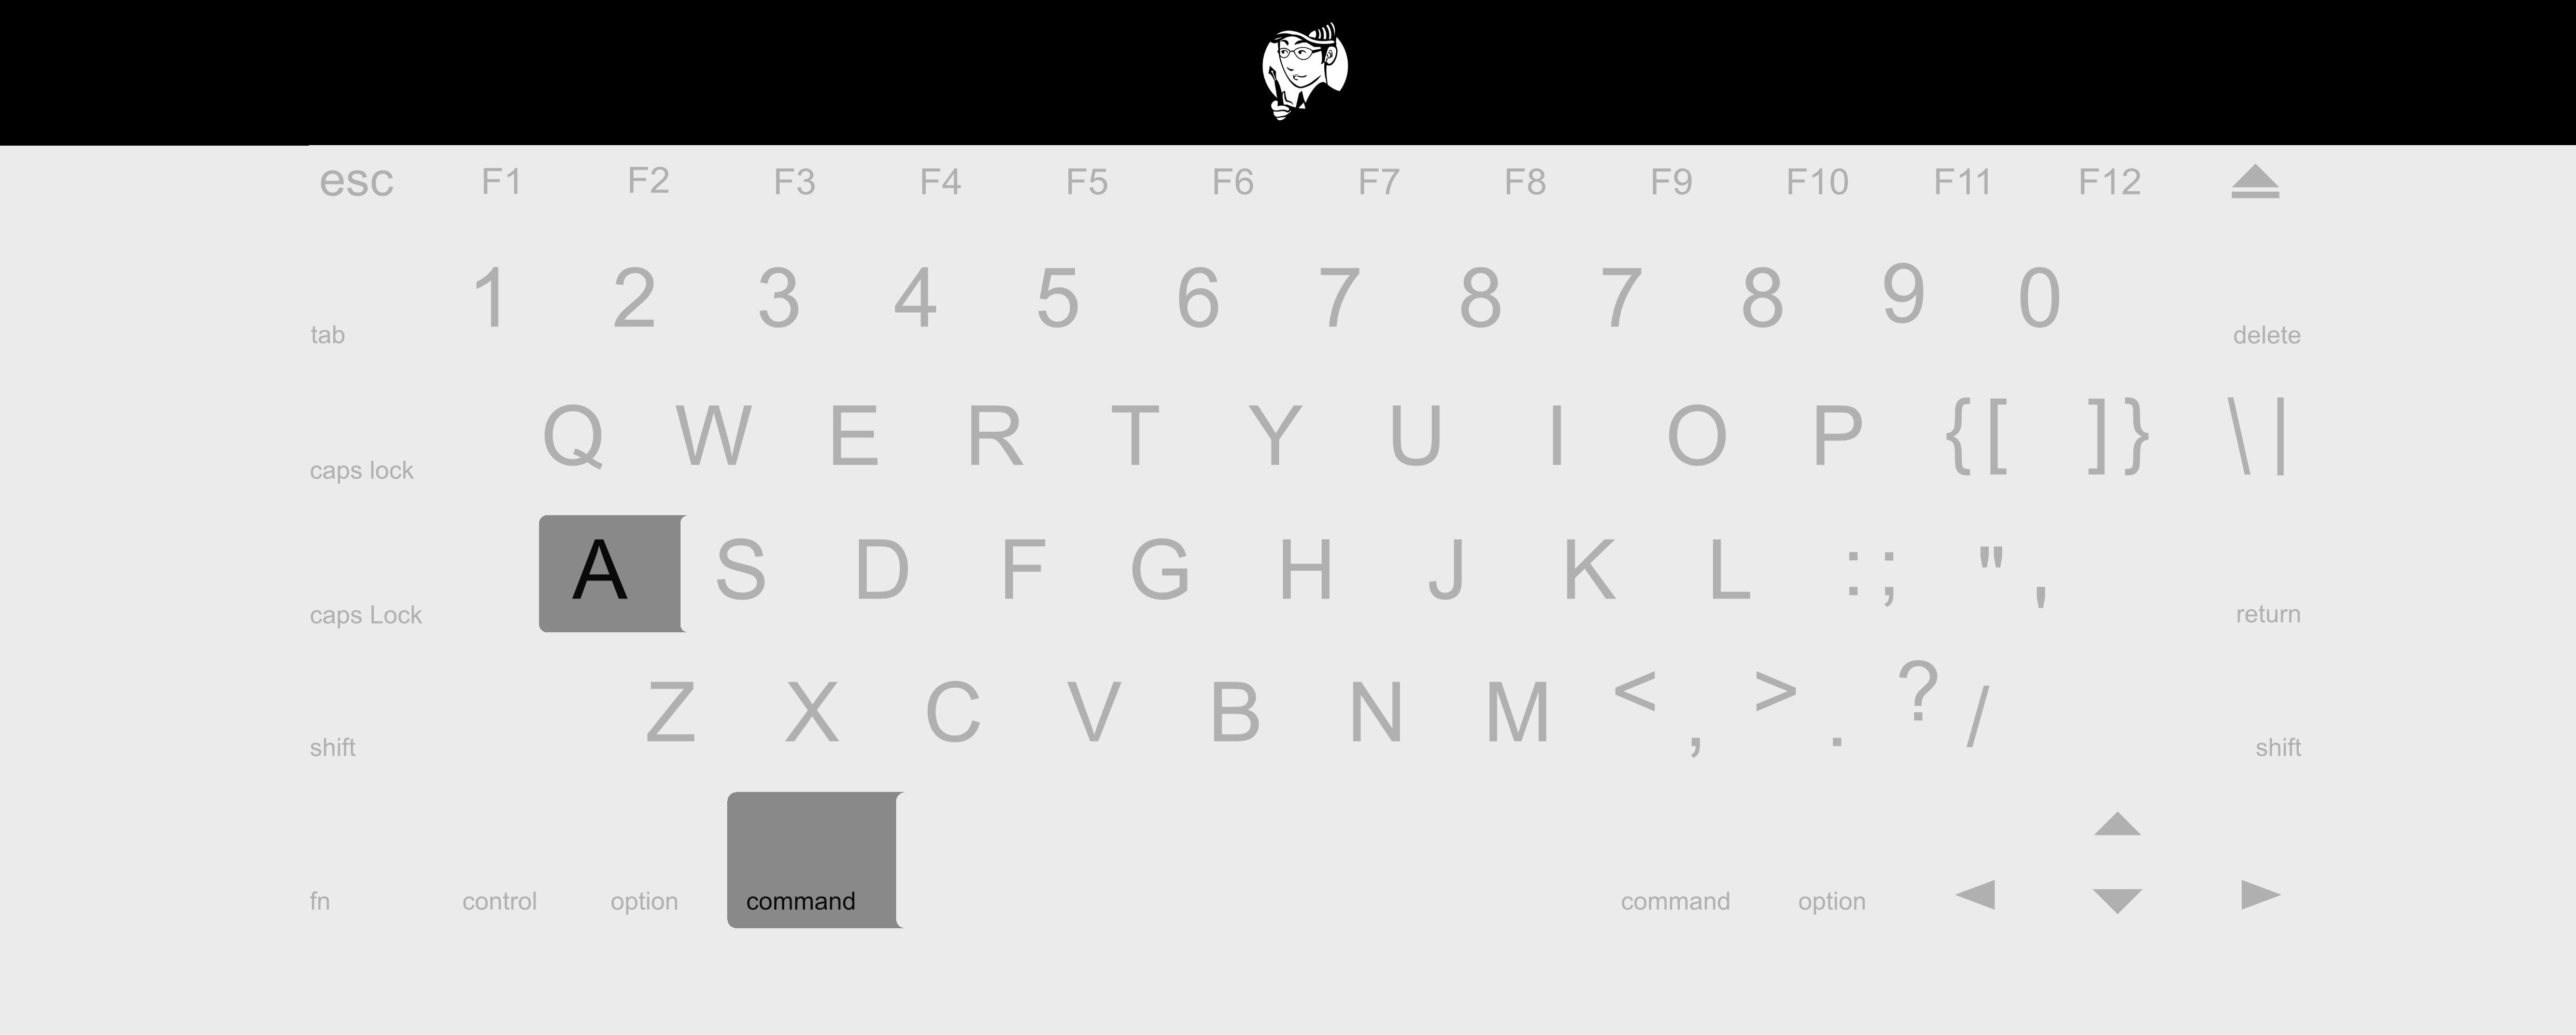 按住鍵盤上的 Command +A 即可全選檔案內容